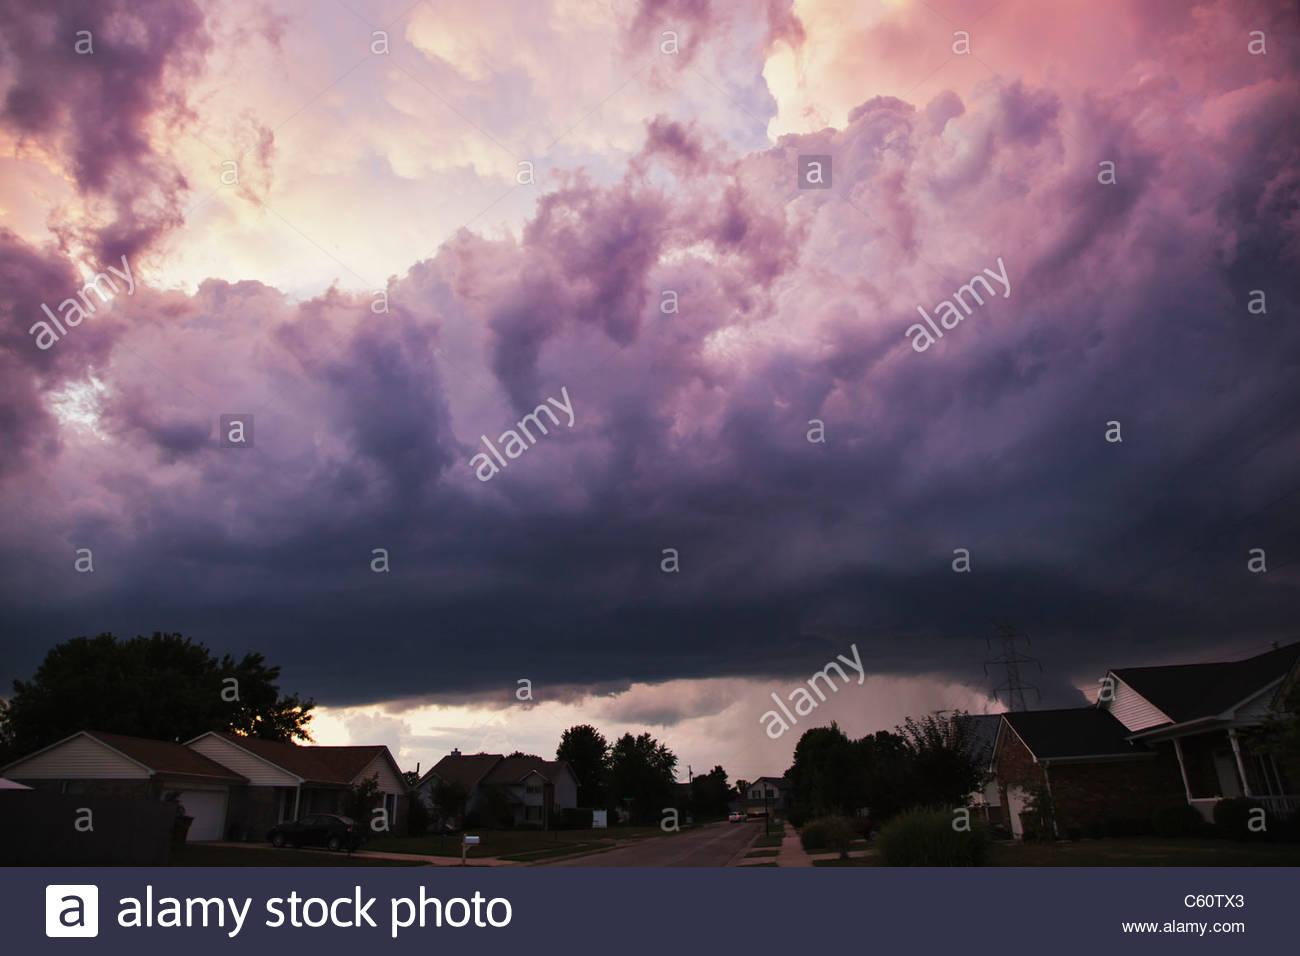 Storm Clouds, Columbus, Indiana - Stock Image